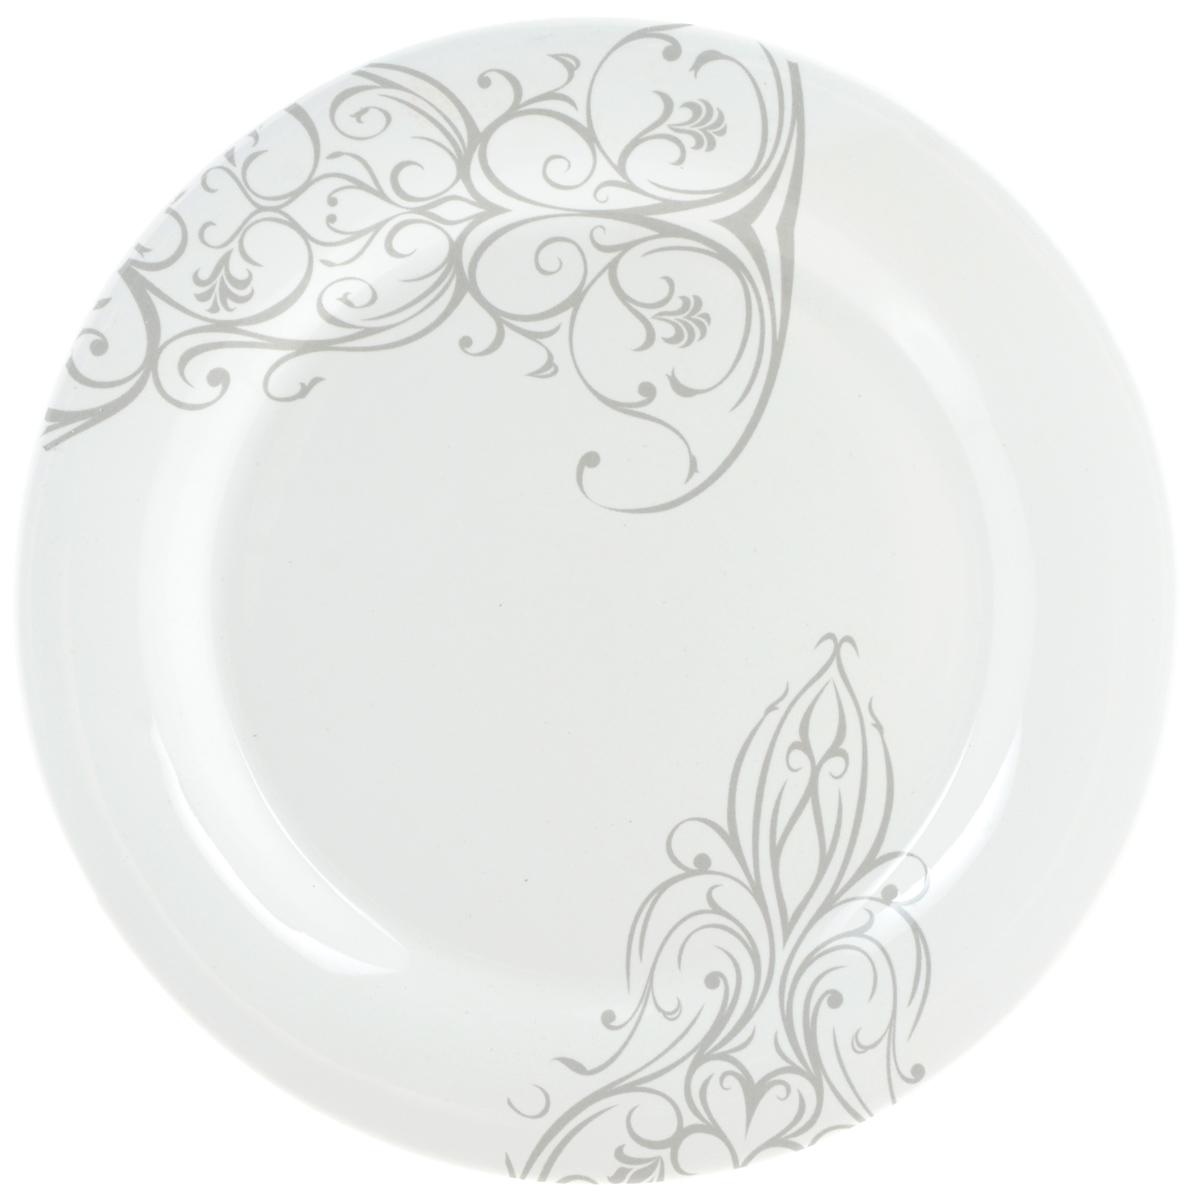 Тарелка десертная Ceramiche Viva Черный ирис, диаметр 20 см7222.3Десертная тарелка Ceramiche Viva Черный ирис изготовлена из высококачественной керамики, покрытой слоем сверкающей глазури. Изделие декорировано красивыми узорами. Такая тарелка отлично подойдет в качестве блюда для закусок и нарезок, а также для подачи различных десертов. Тарелка прекрасно дополнит сервировку стола и порадует вас оригинальным дизайном. Допускается мытье в посудомоечной машине, а также использование для разогрева блюд в СВЧ-печи. Диаметр тарелки: 20 см. Высота стенки: 2 см.